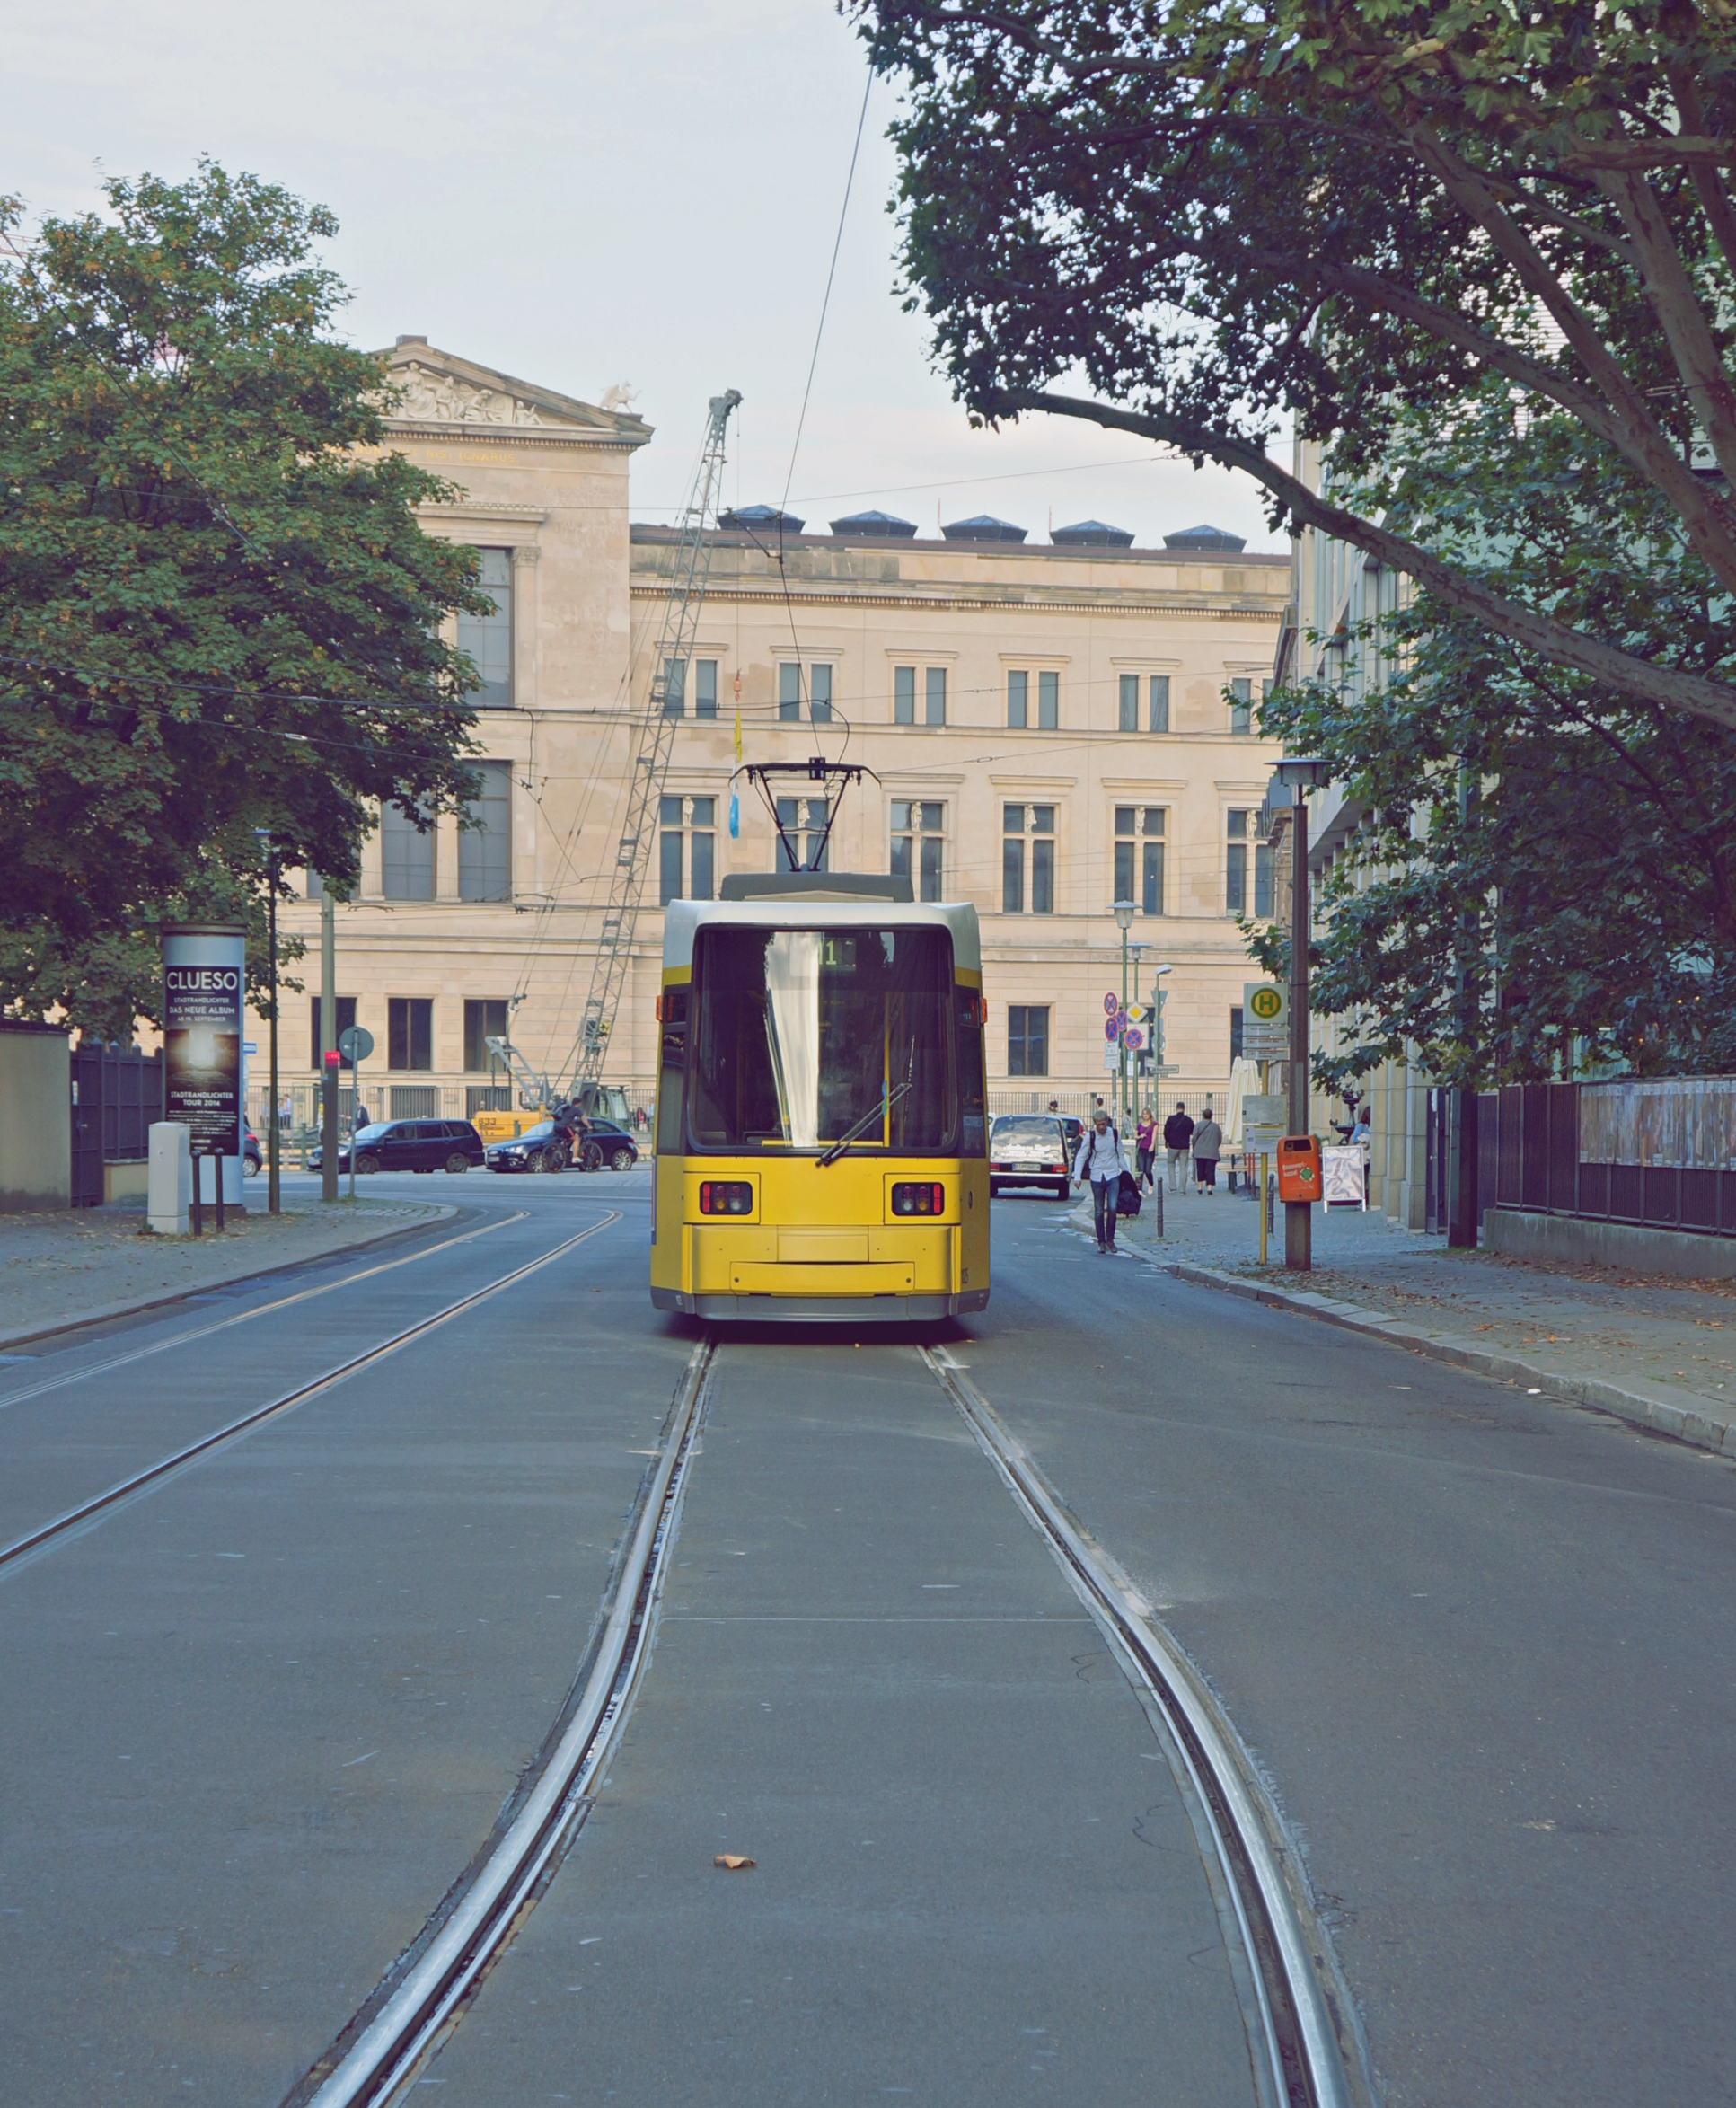 berlin_train_altertonative.JPG